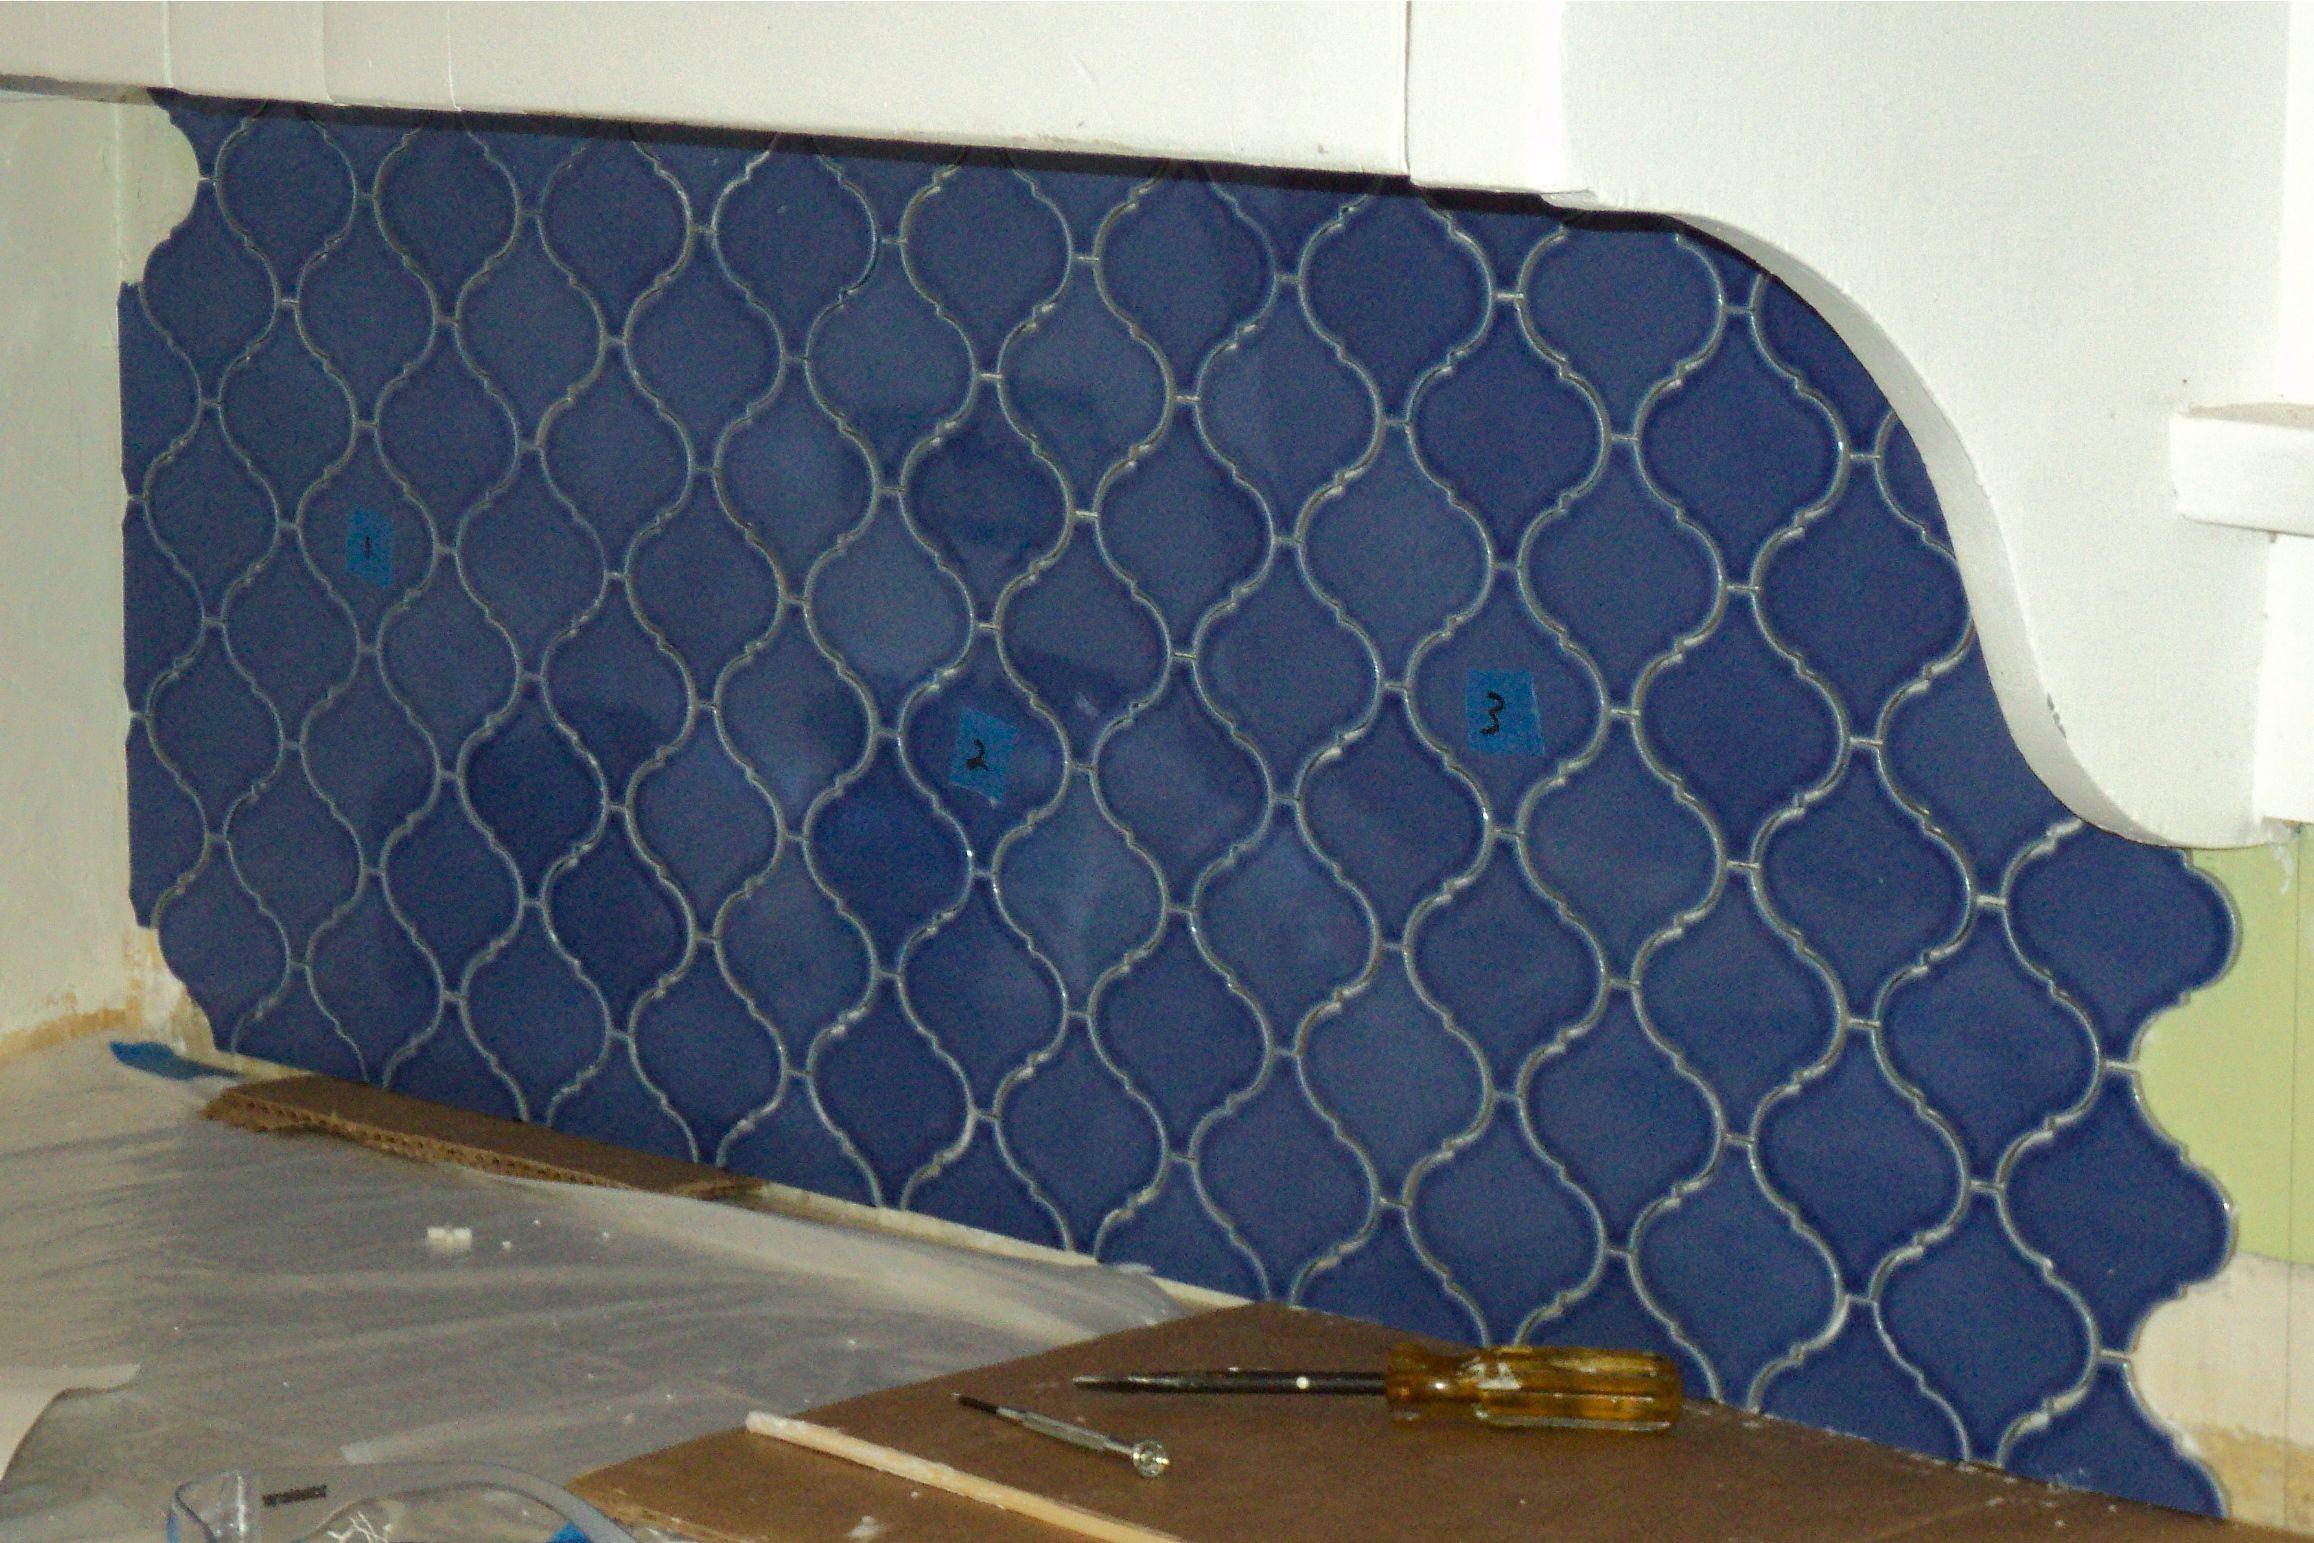 Kitchen details: The Backsplash | Pinterest | Blue tiles, Bathroom ...